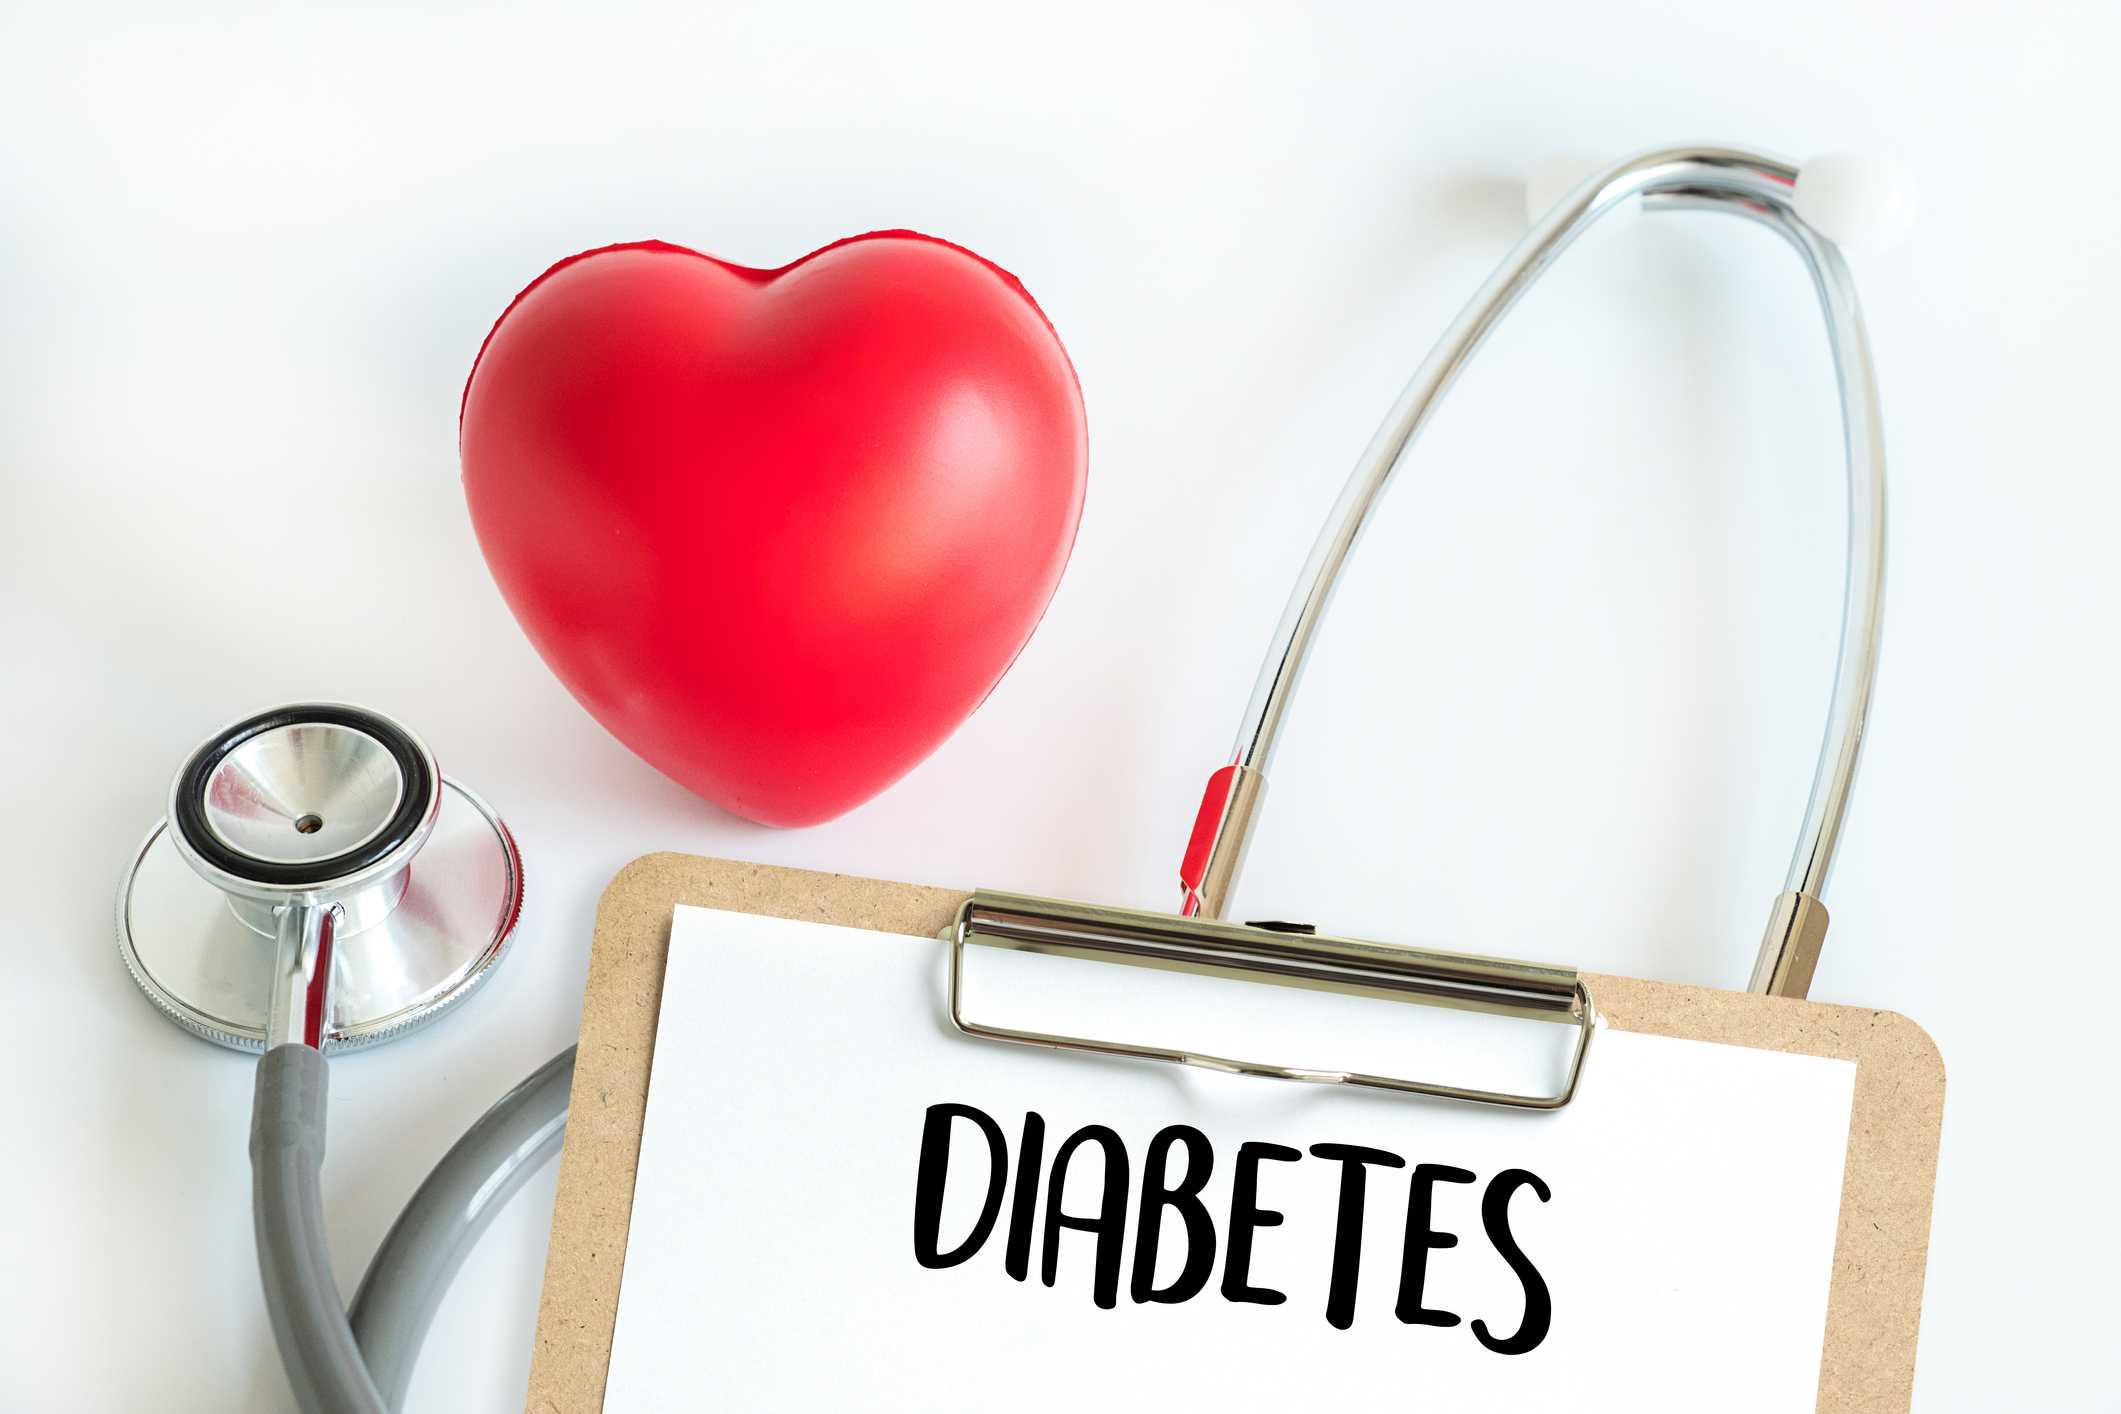 نقش فوق العاده ی صبحانه در برابر بیماری دیابت